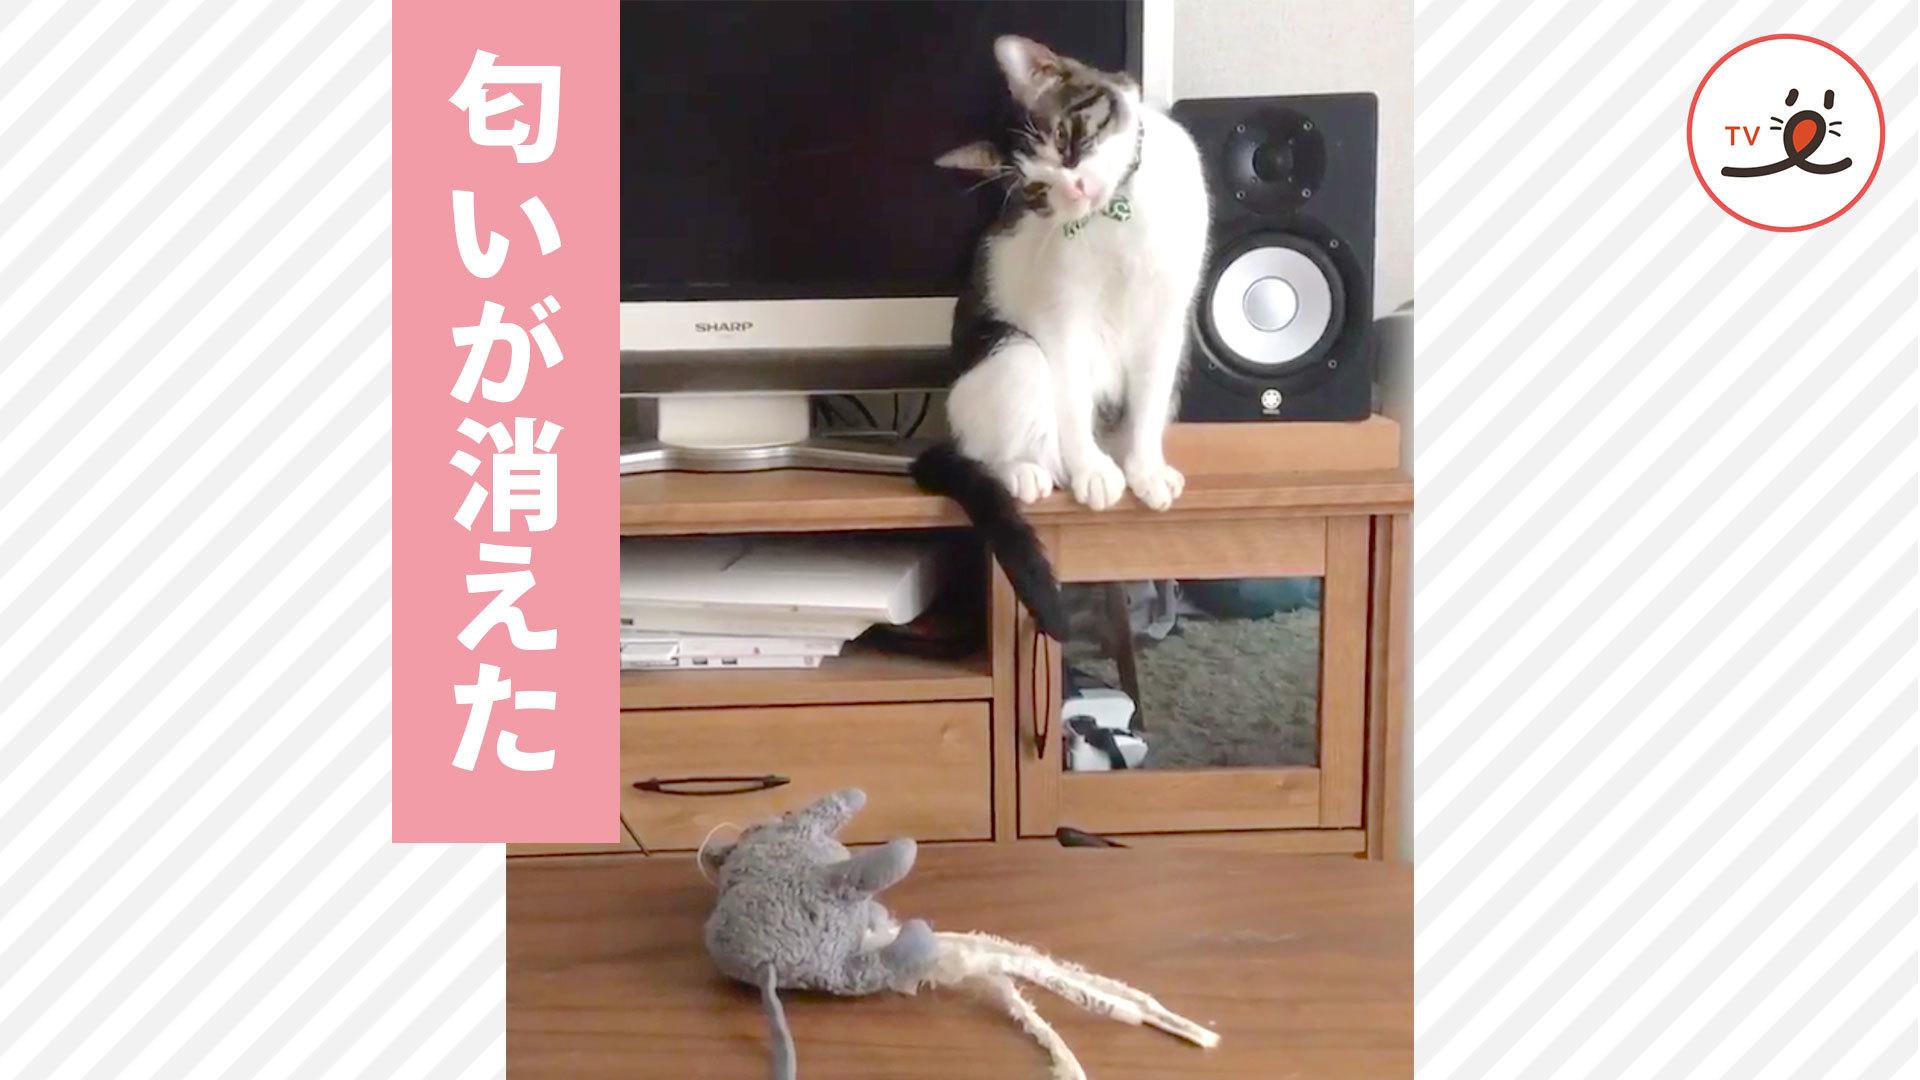 オモチャを洗ってあげたら…😅 いつものオモチャに疑問を持ってしまった猫ちゃん💖